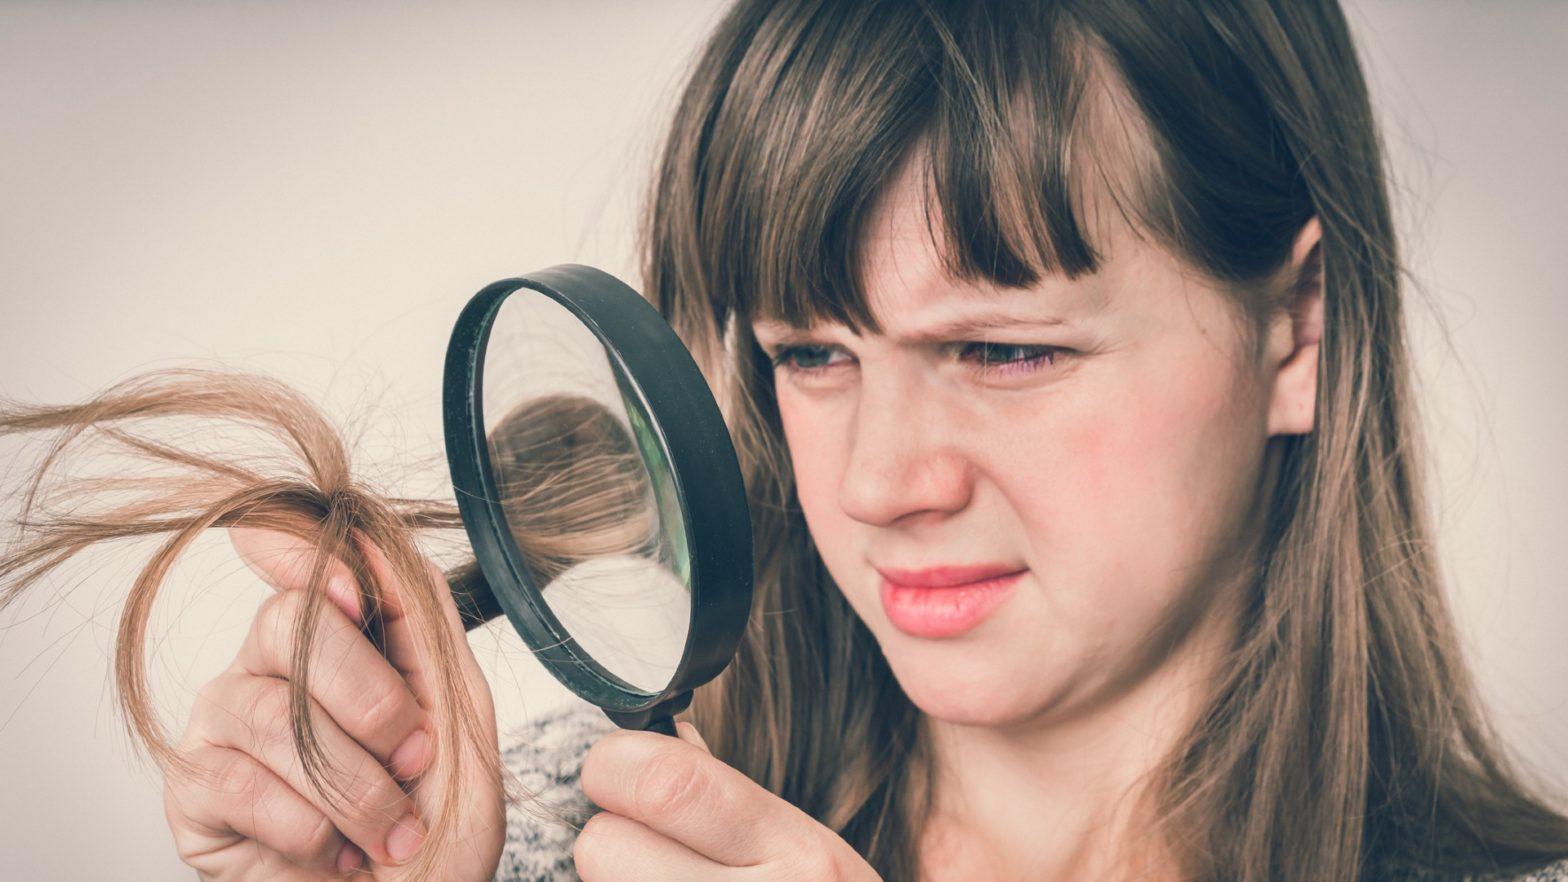 Mulher com uma lupa observando as pontas do seu cabelo.